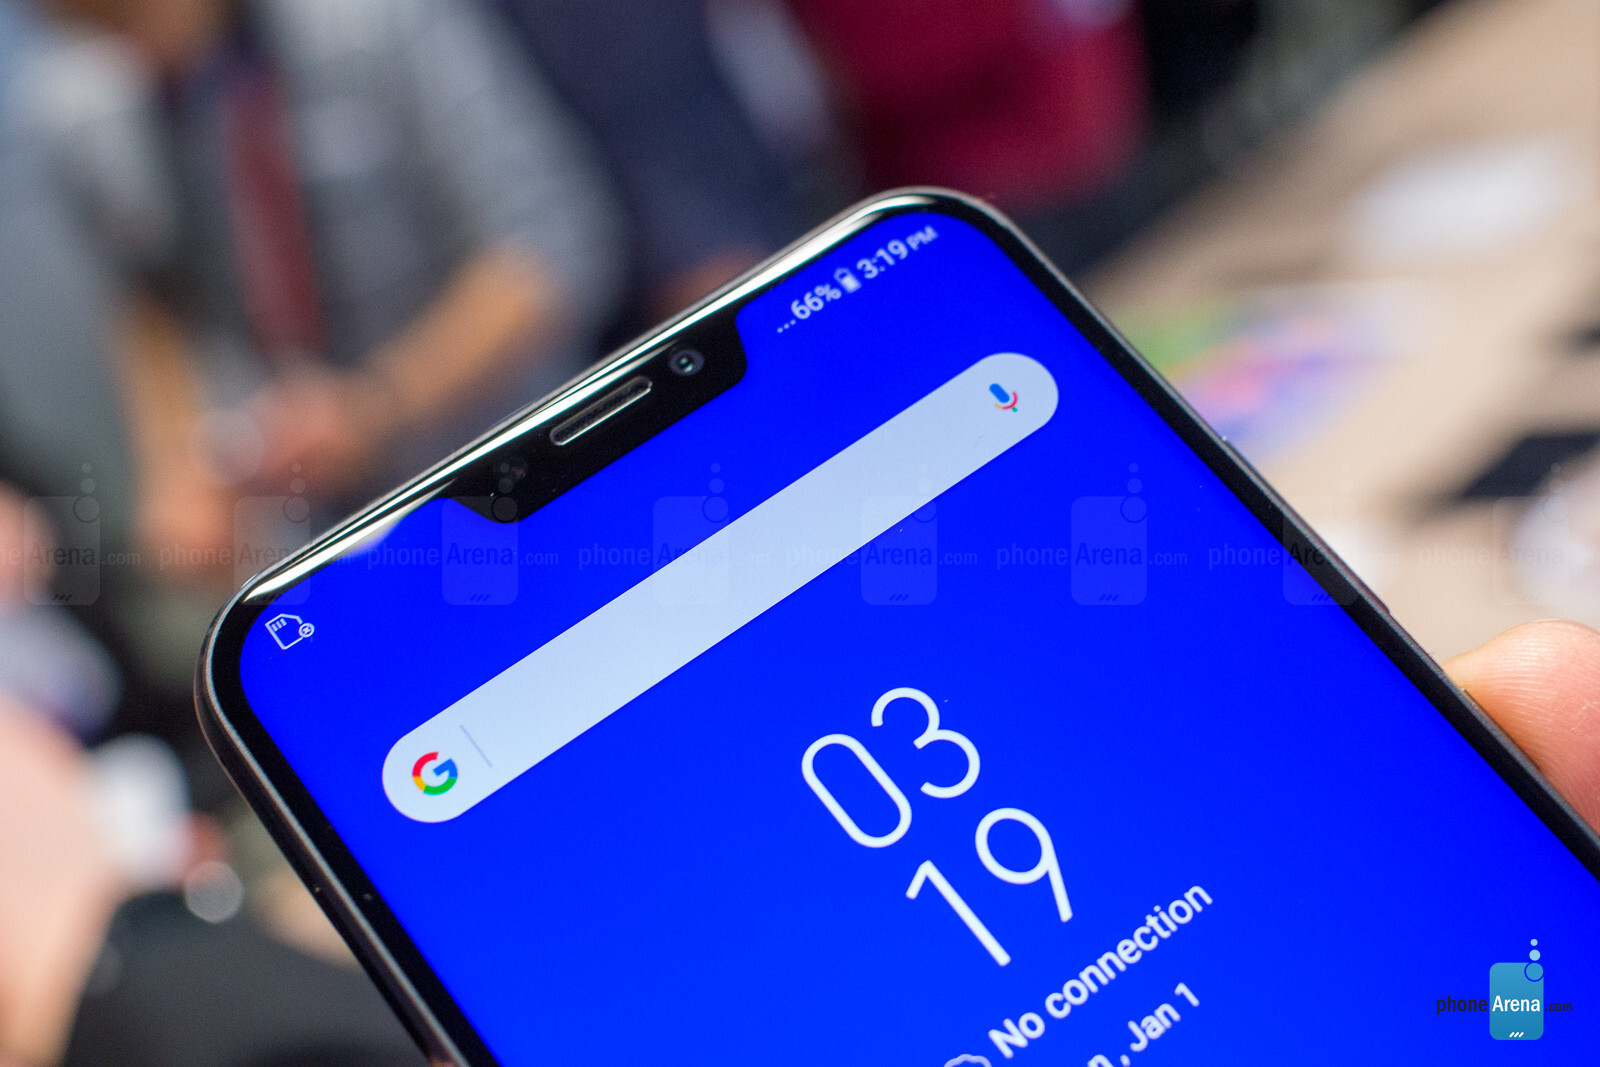 Asus ZenFone 5 and 5Q (5 Lite) hands-on - PhoneArena